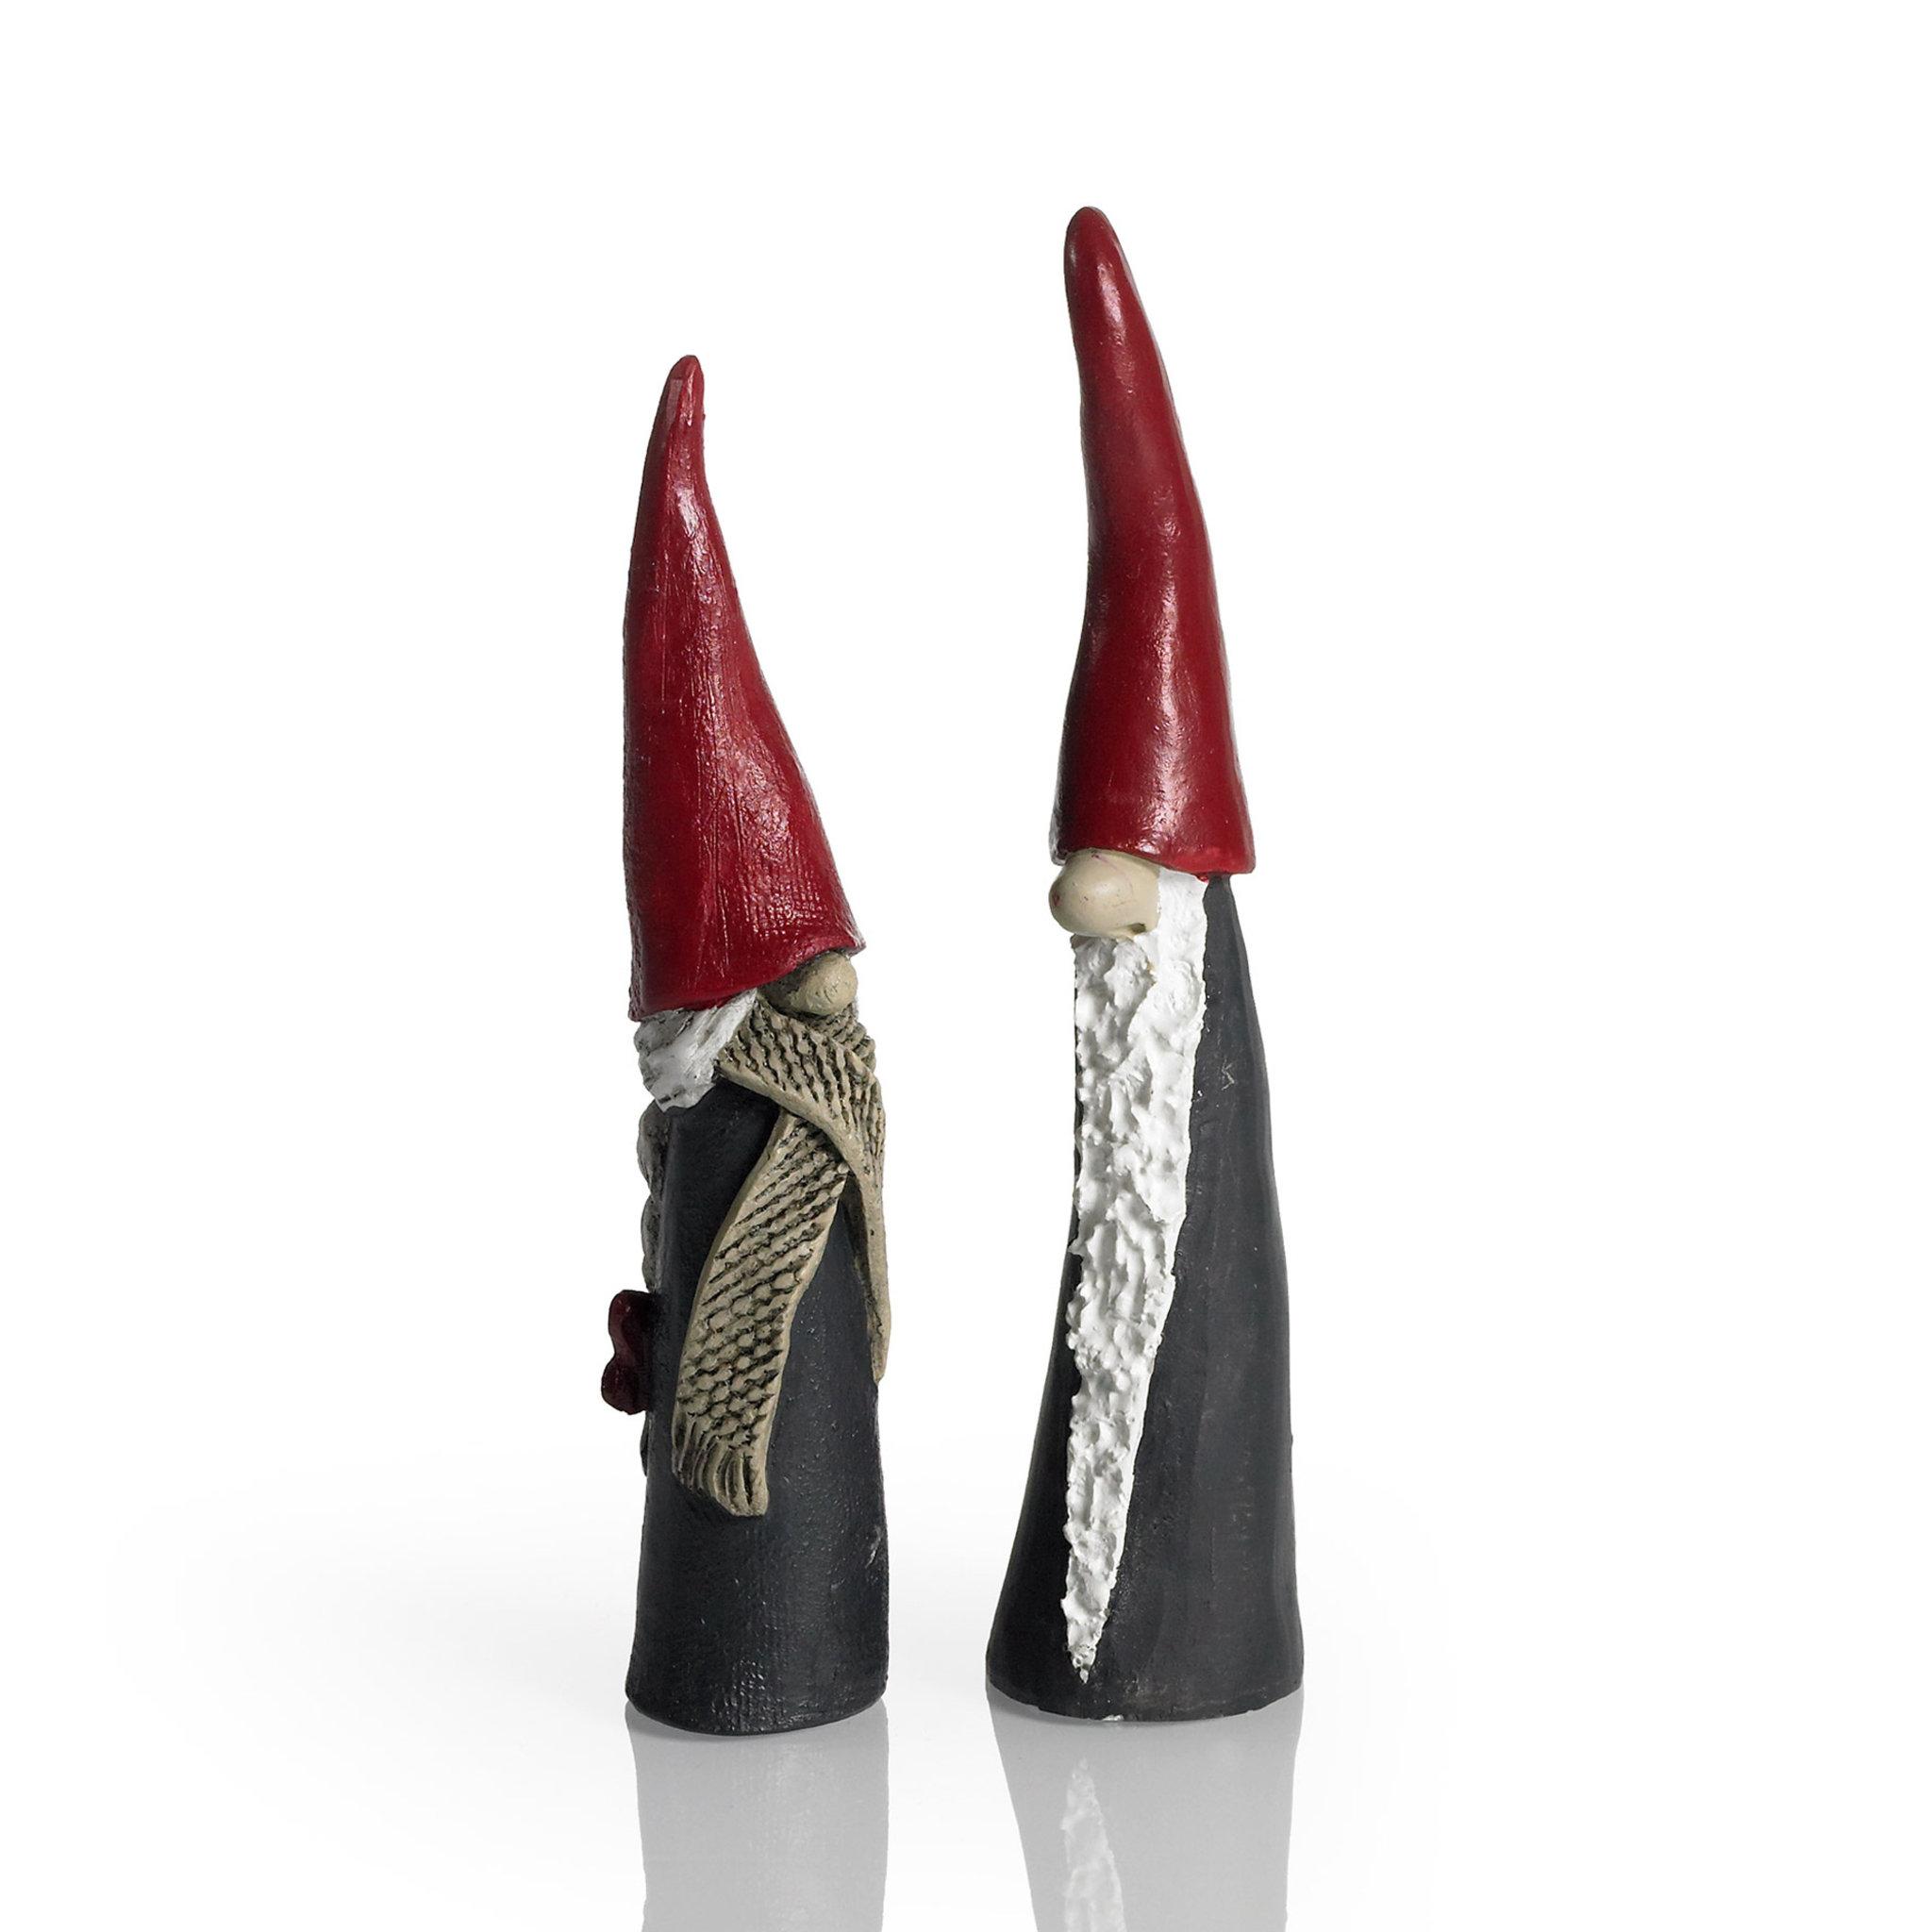 Tomten den långa, mor   dekorationer & detaljer  köp online på ...